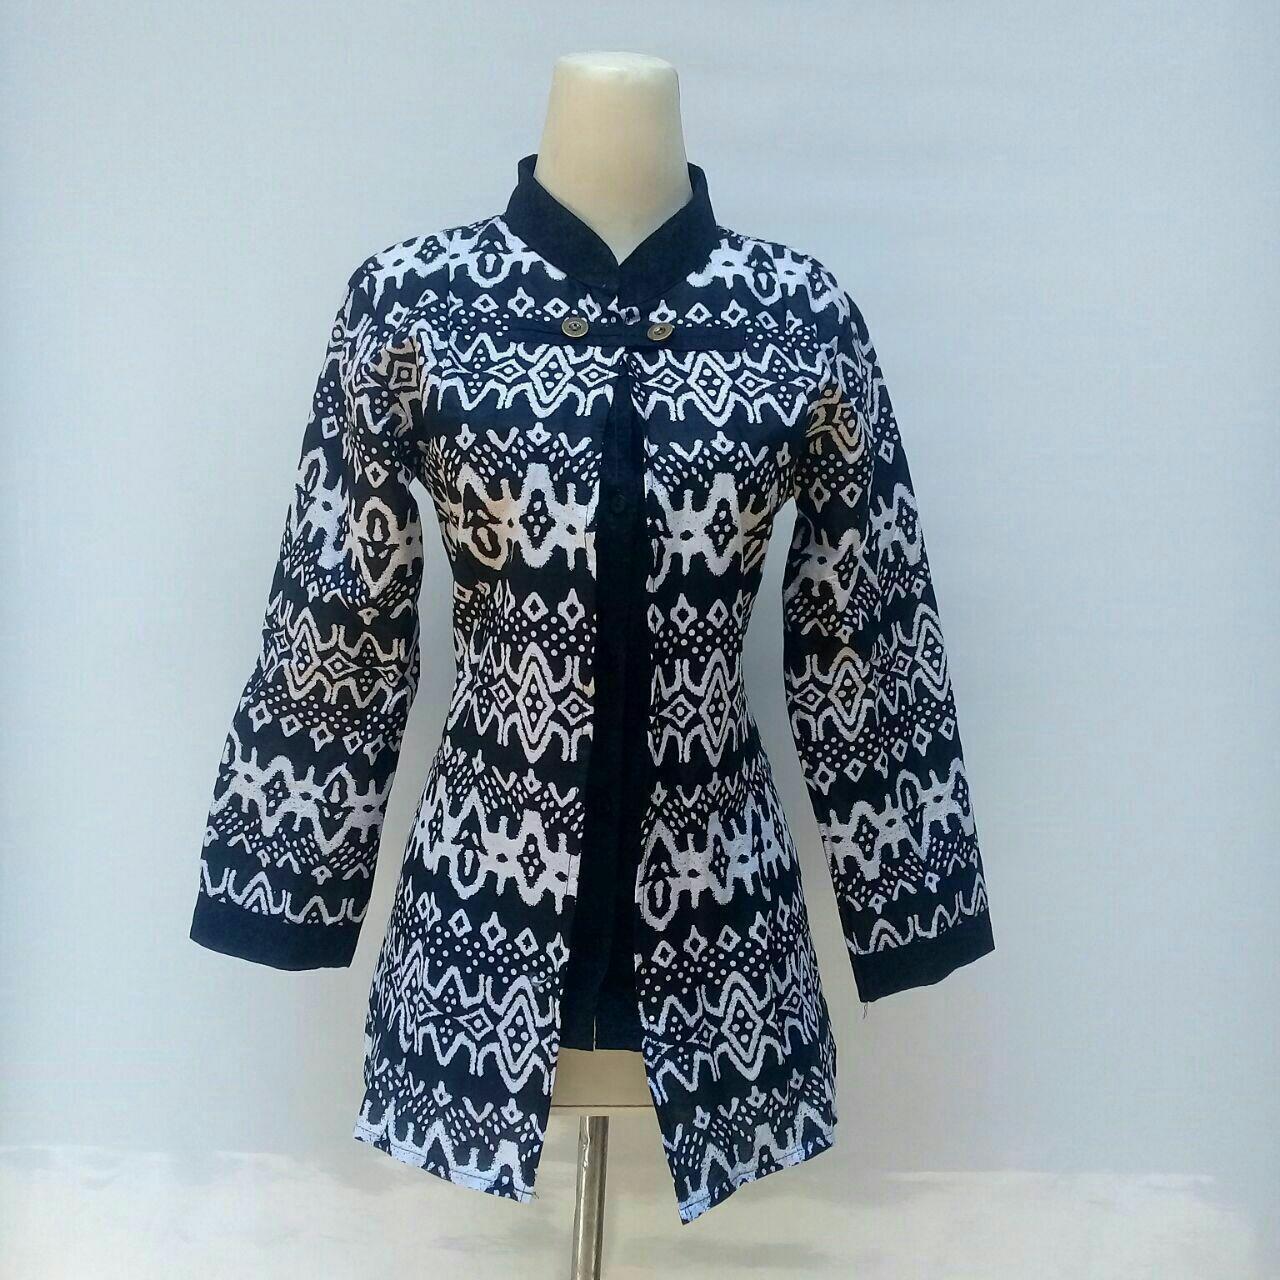 Diskon Besar Blouse Batik Wanita Atasan Batik Wanita Modern Baju ... 63e94fc2d7